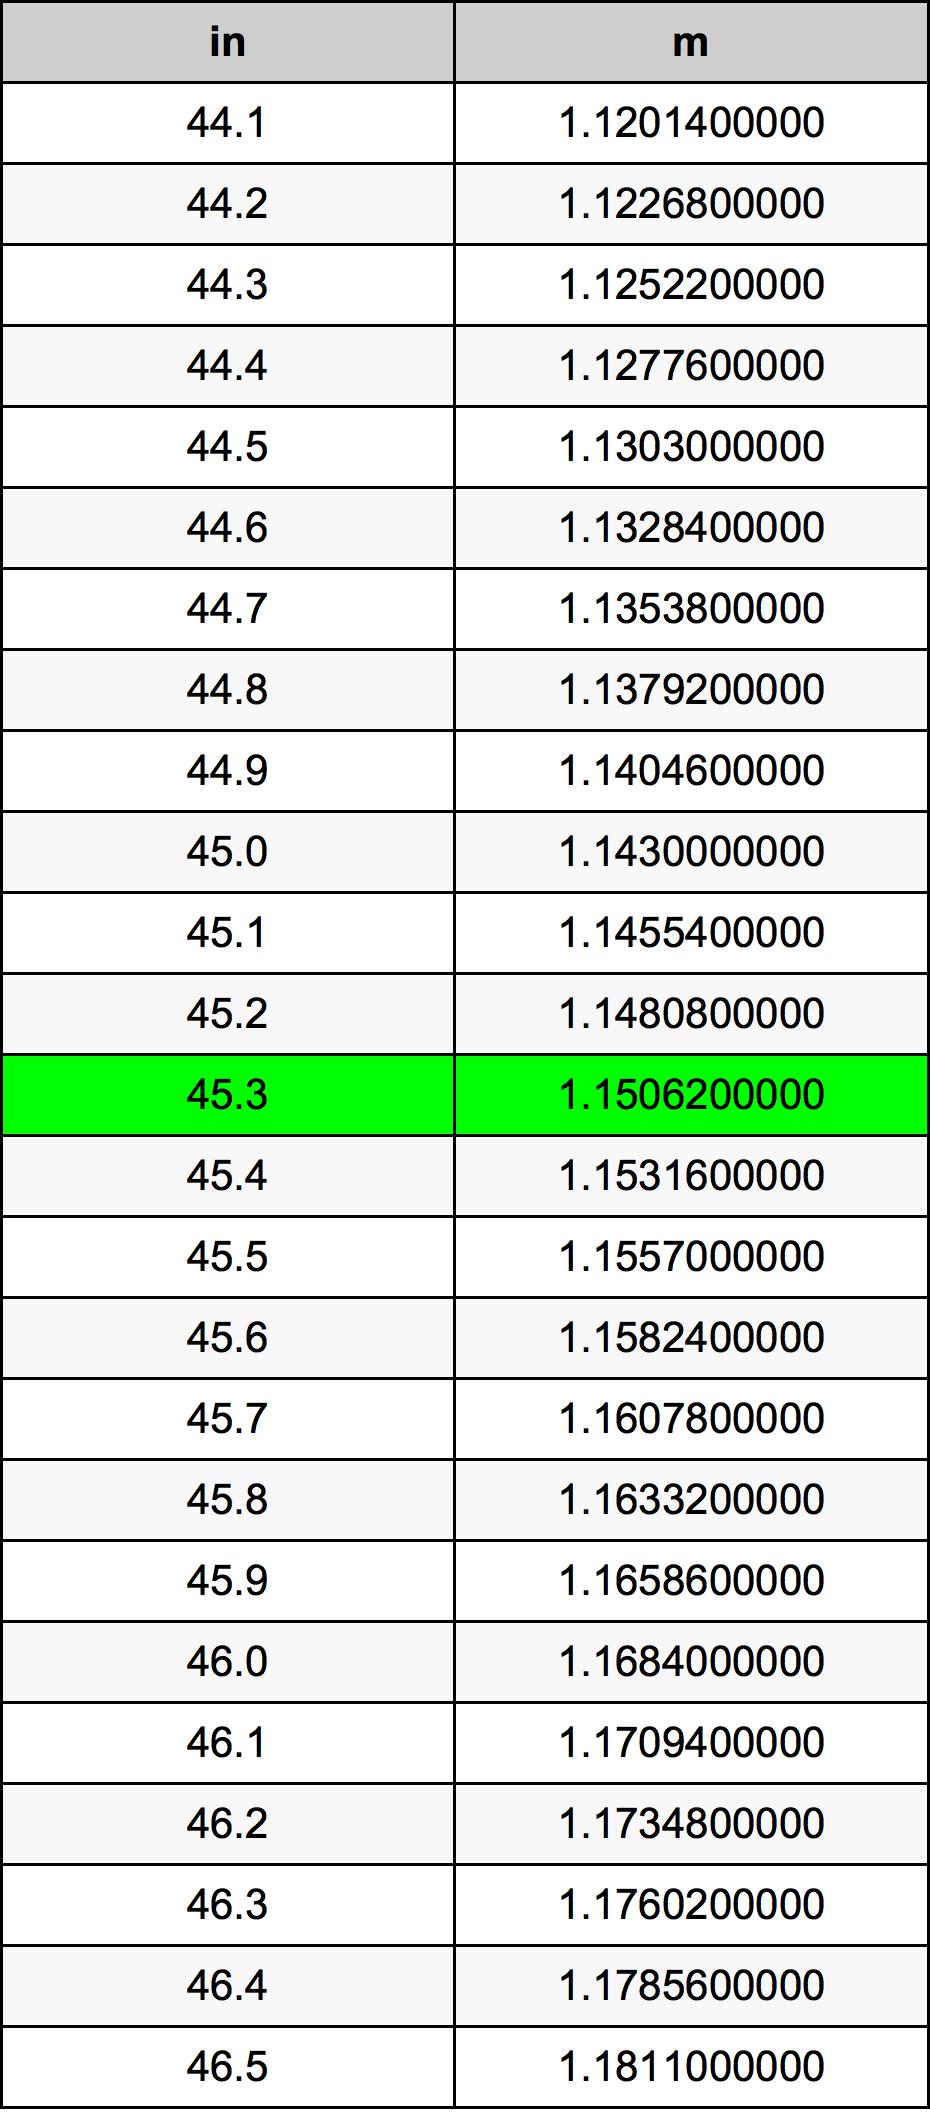 45.3 инч Таблица за преобразуване